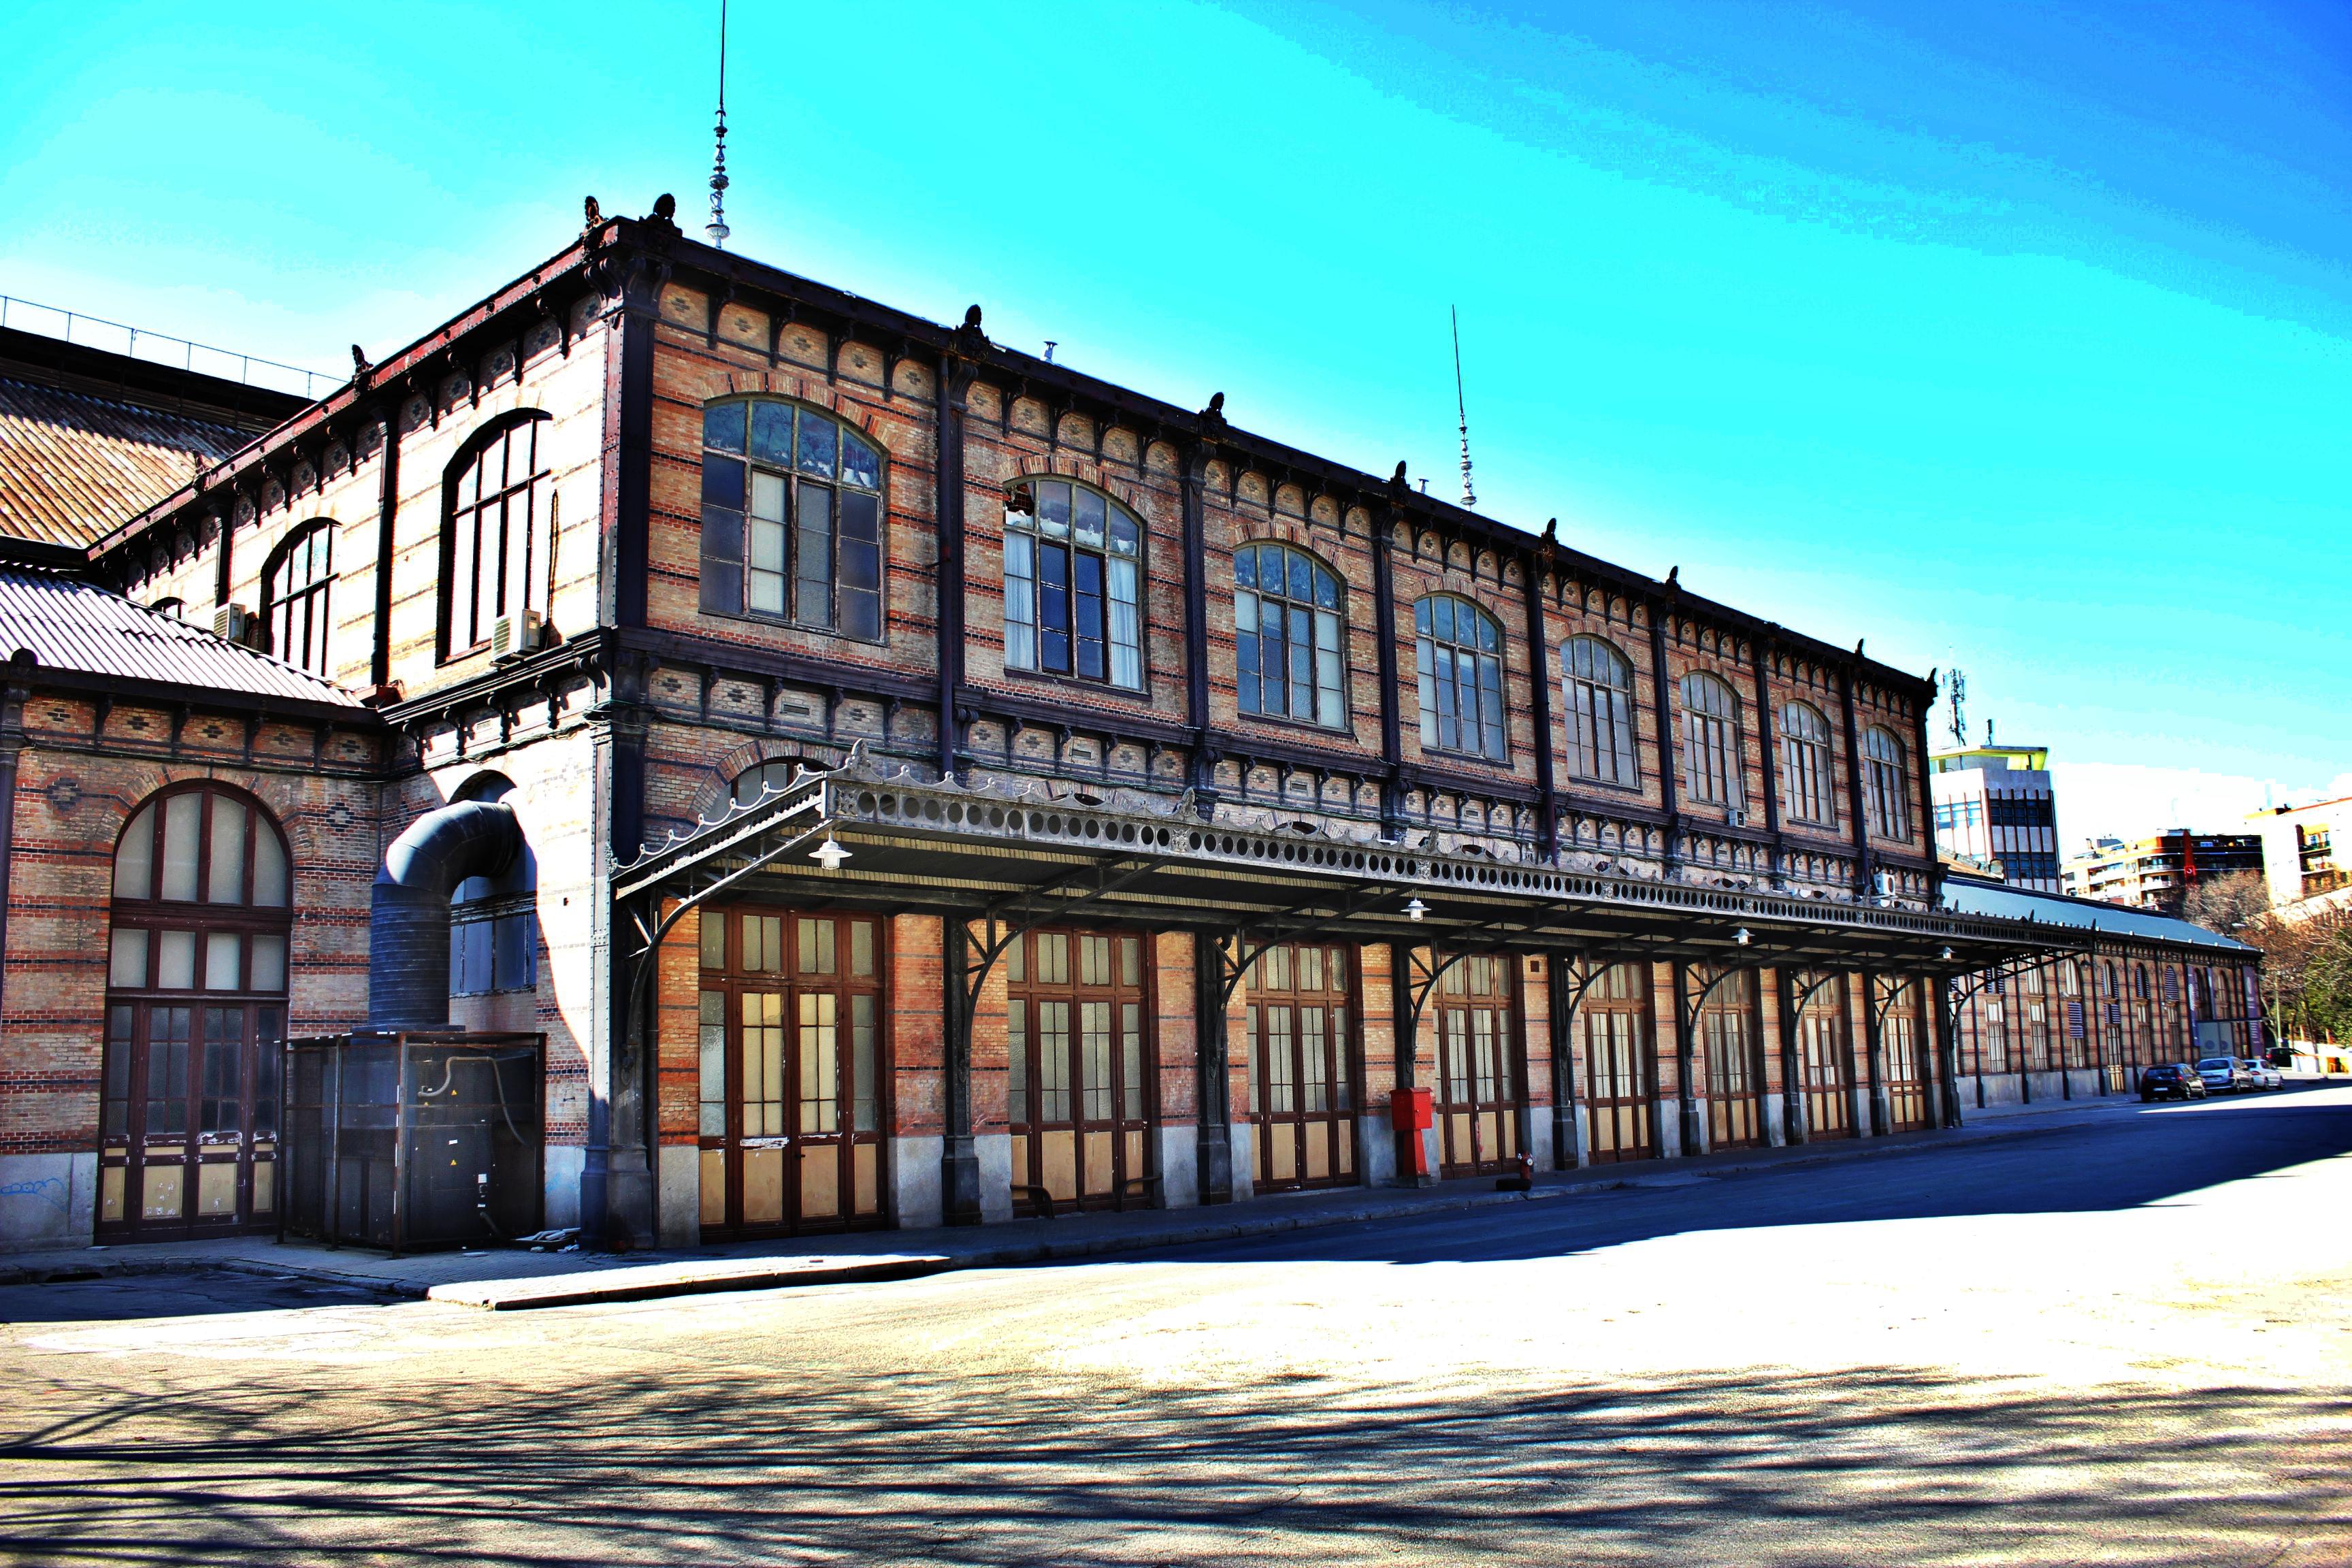 Estaci n de delicias madrid lugares perdidos for Pisos en delicias madrid